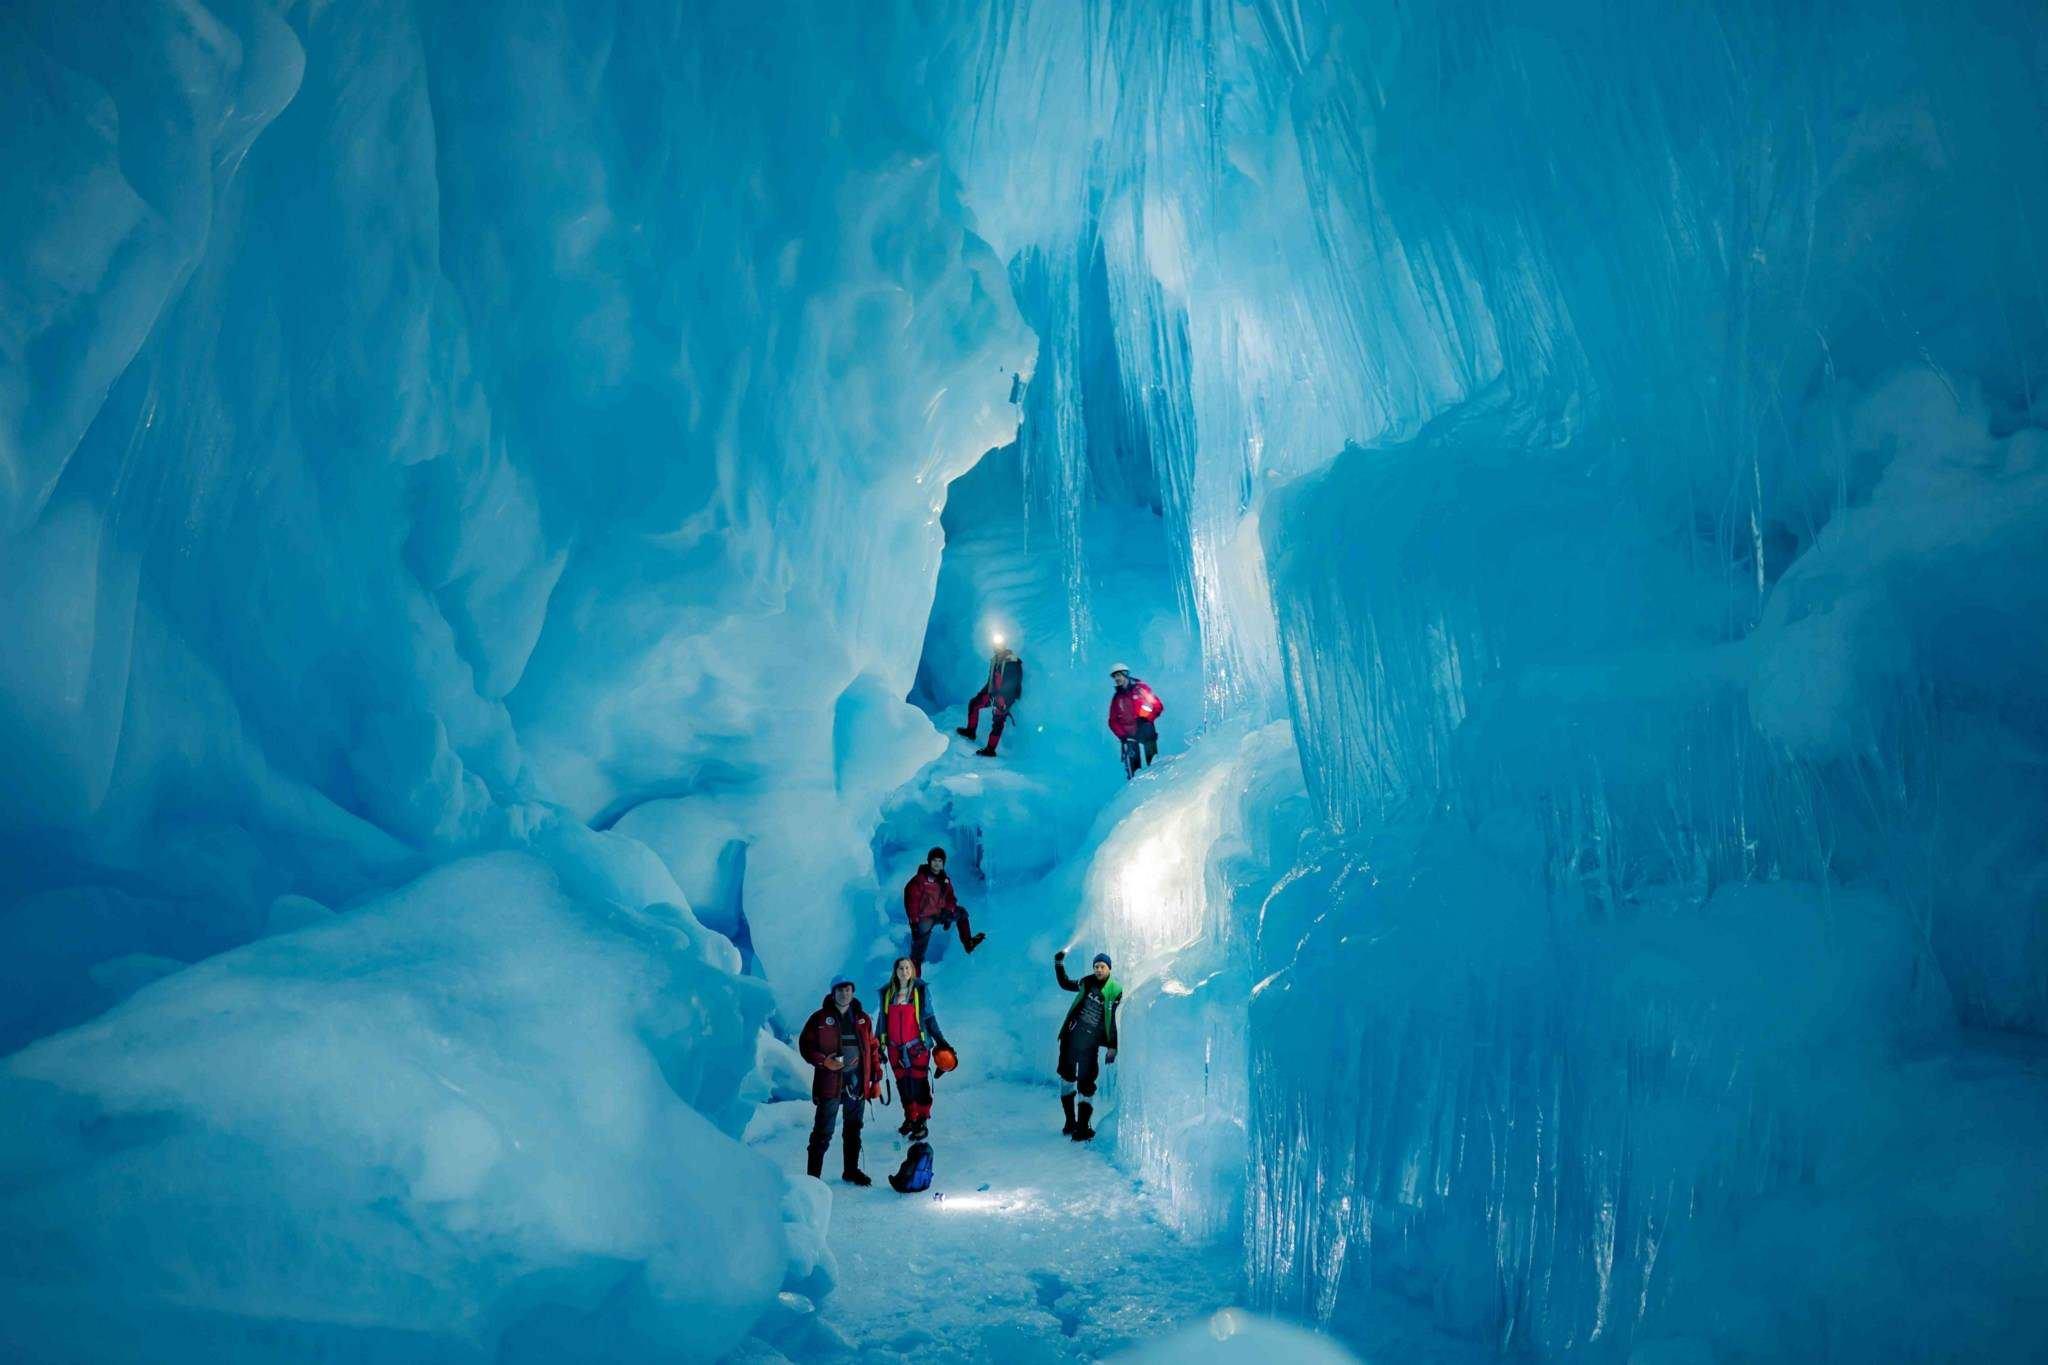 Украинские полярники нашли «потерянную» ледниковую пещеру в Антарктиде